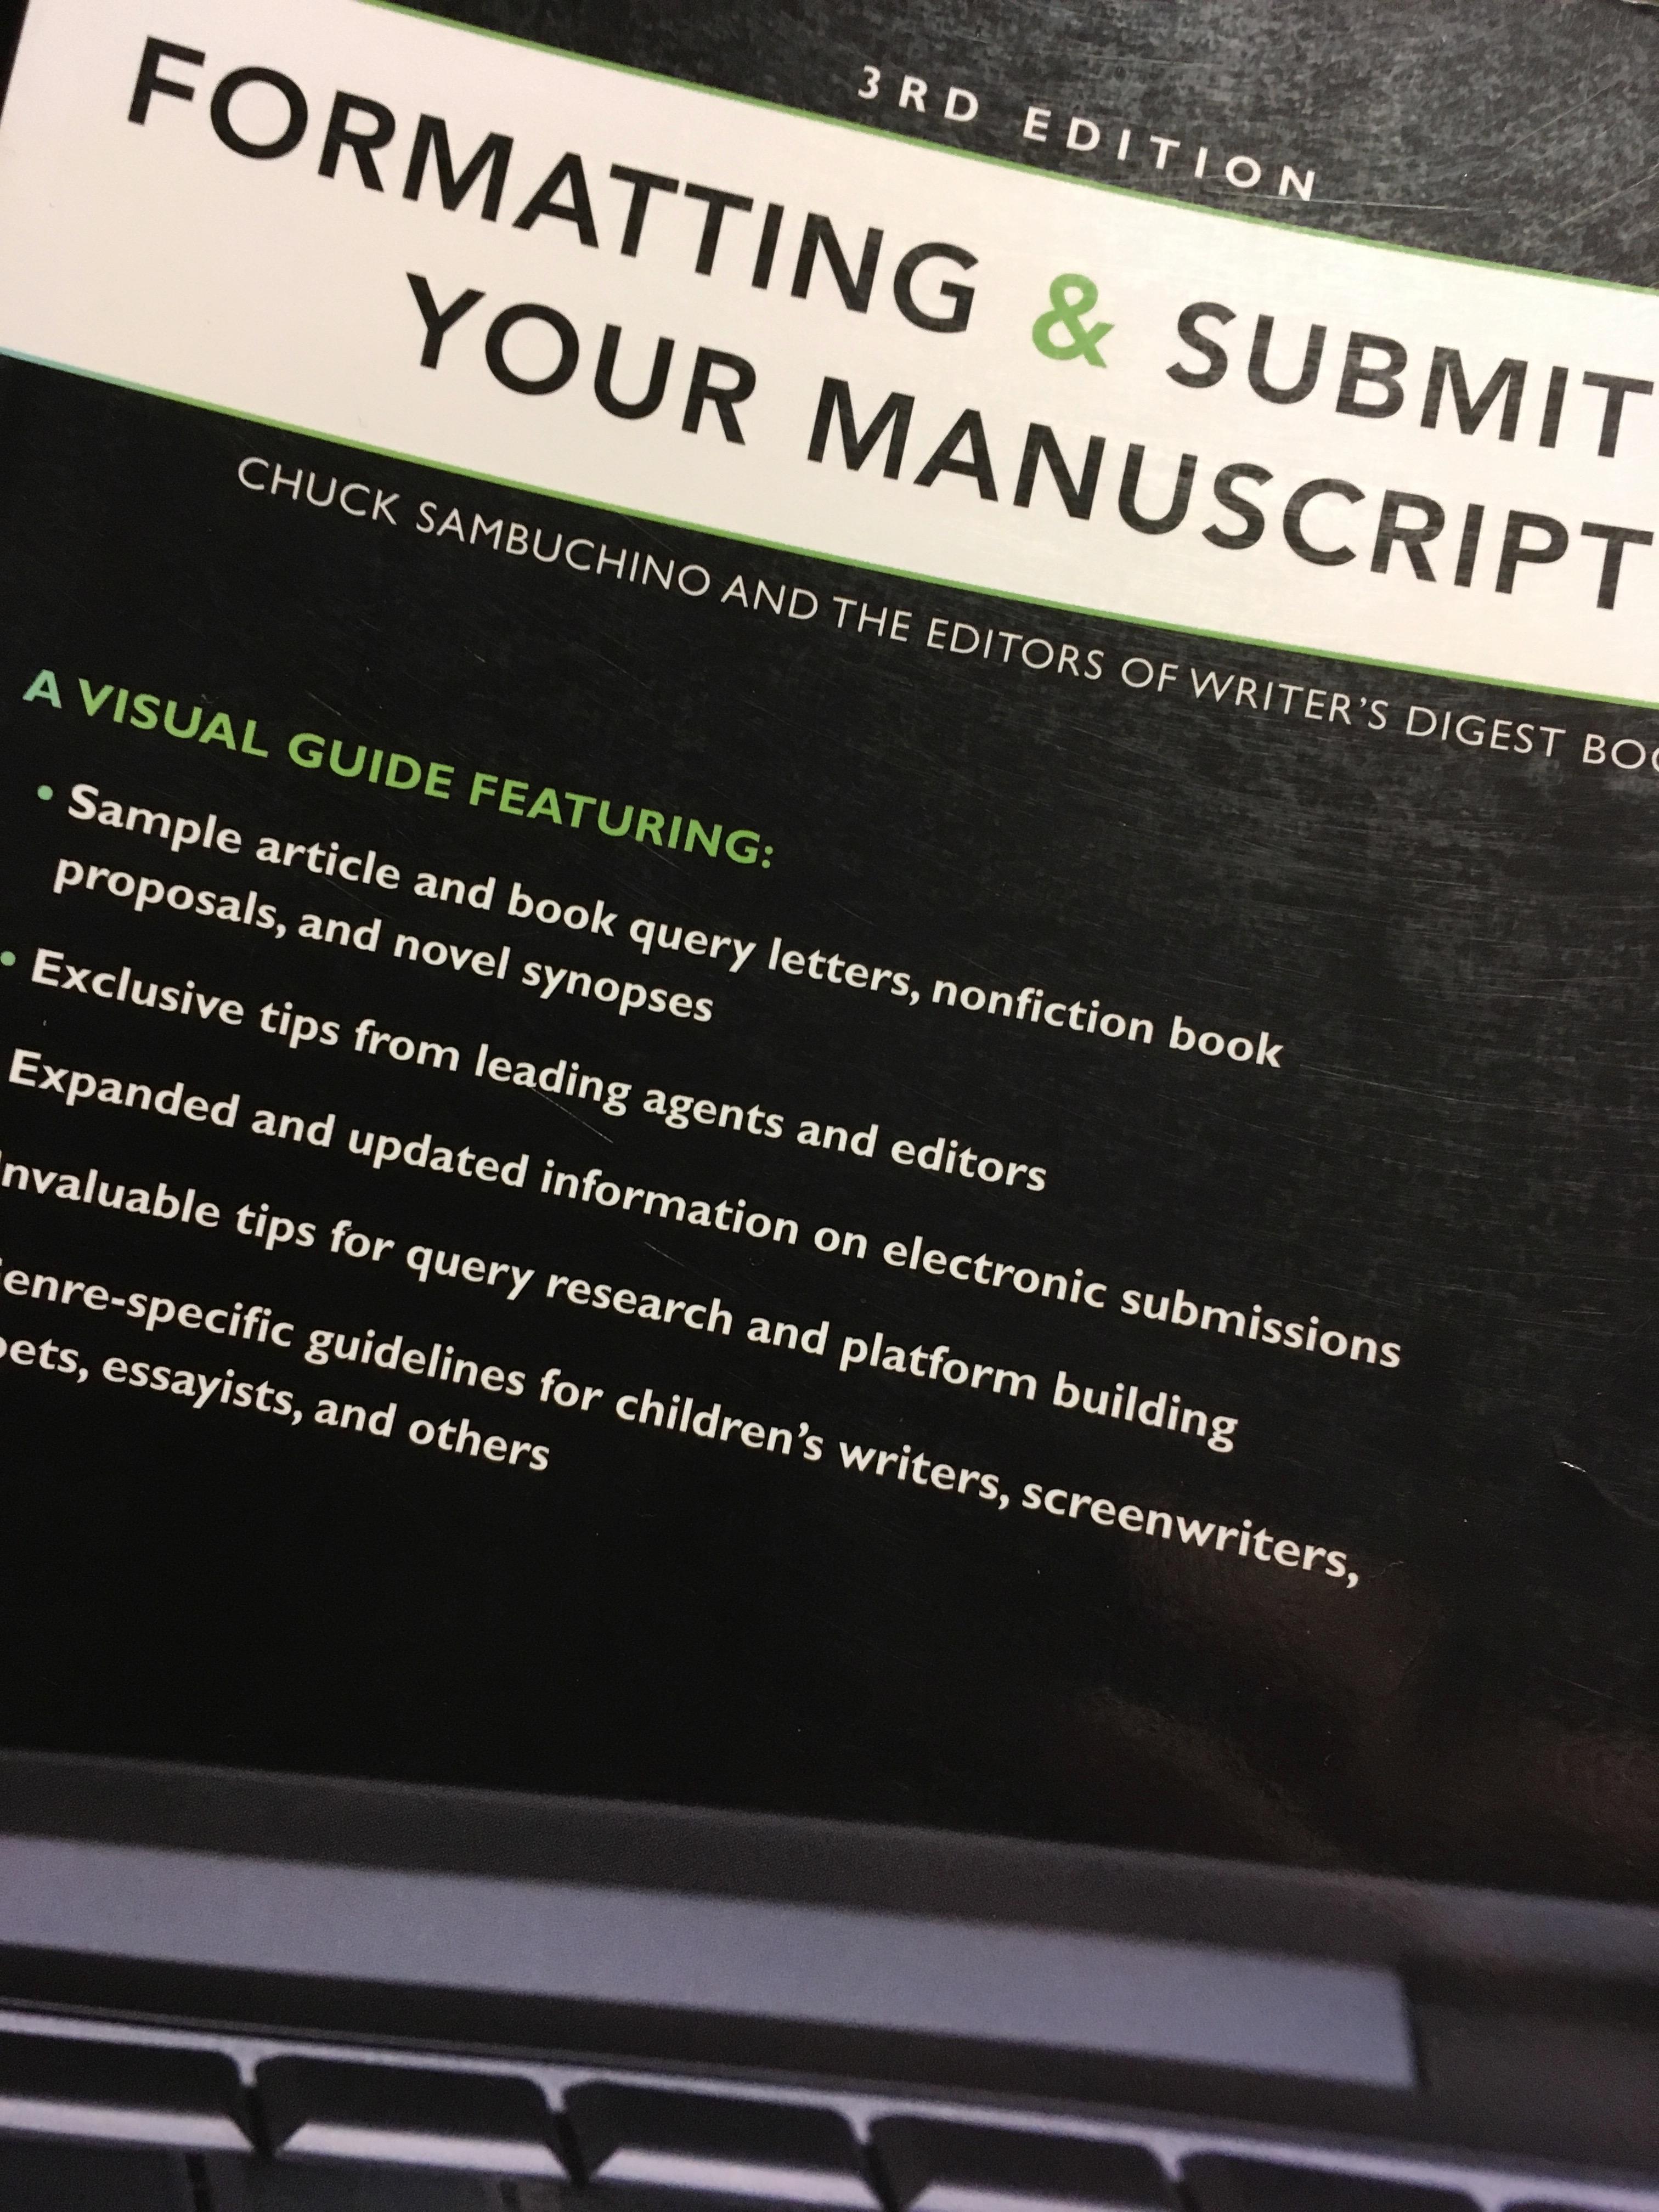 manuscript format book